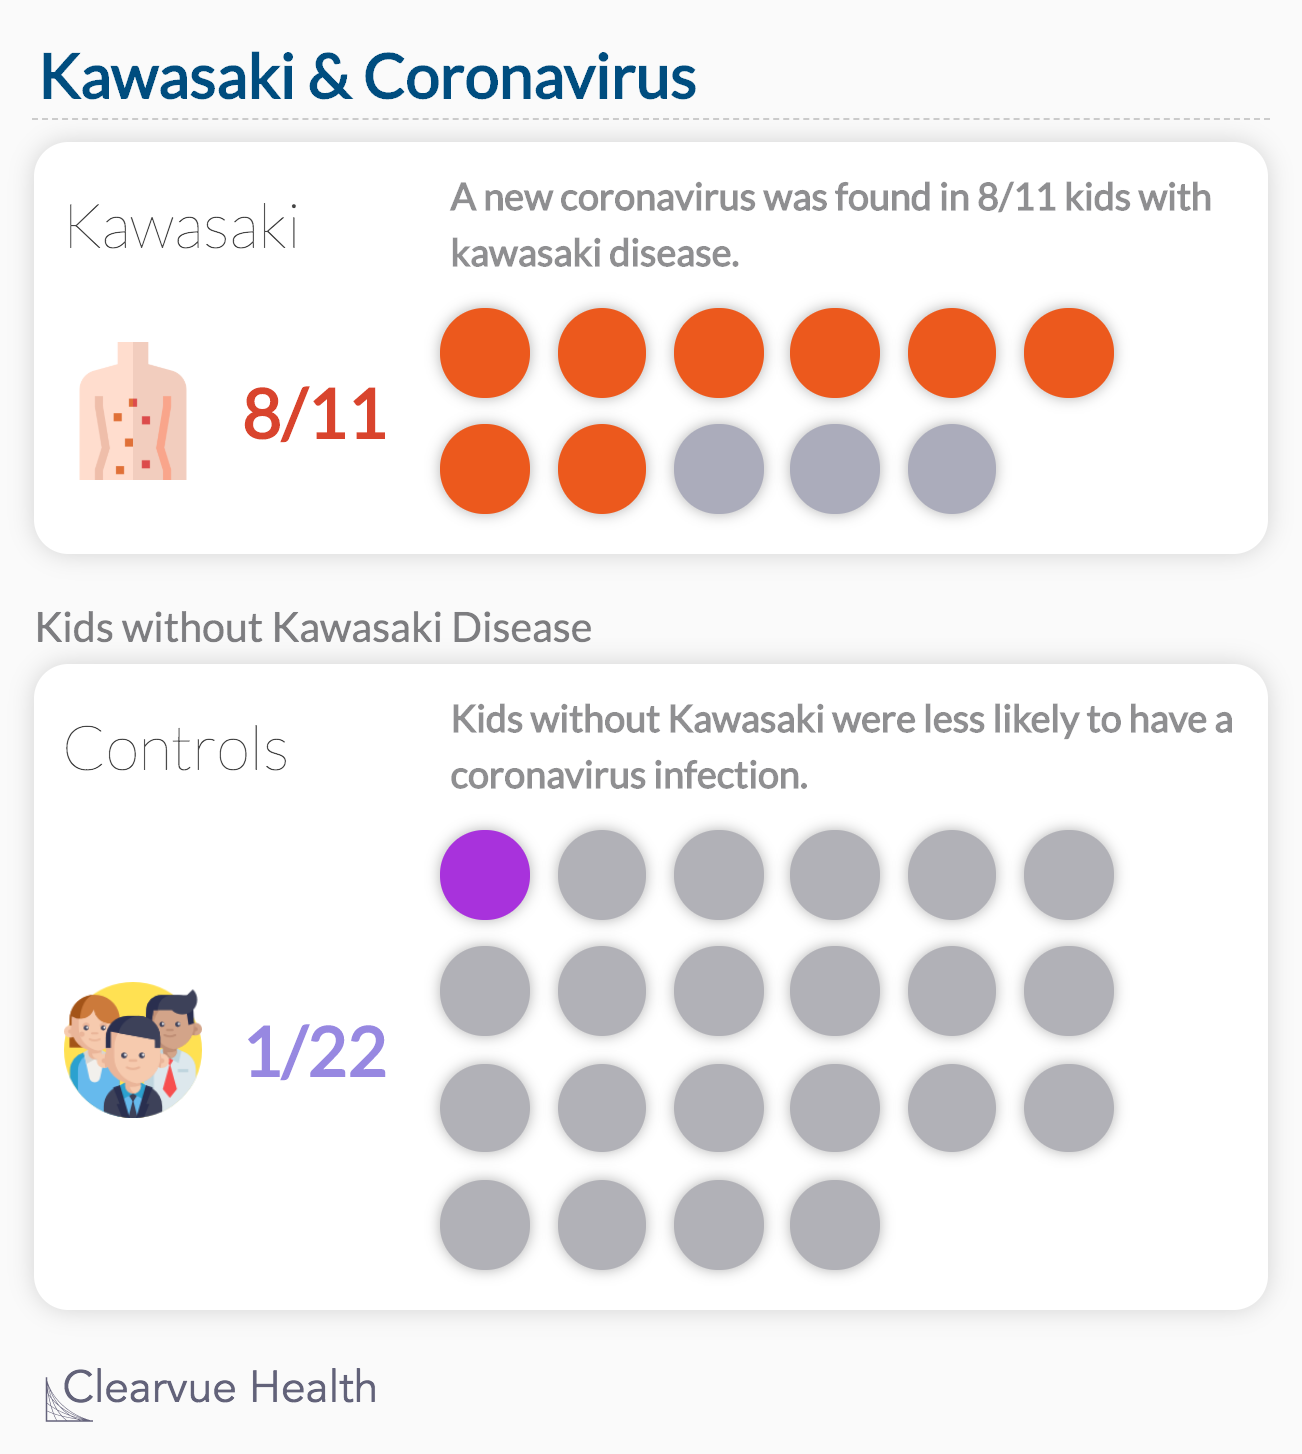 Kawasaki Disease & Coronavirus